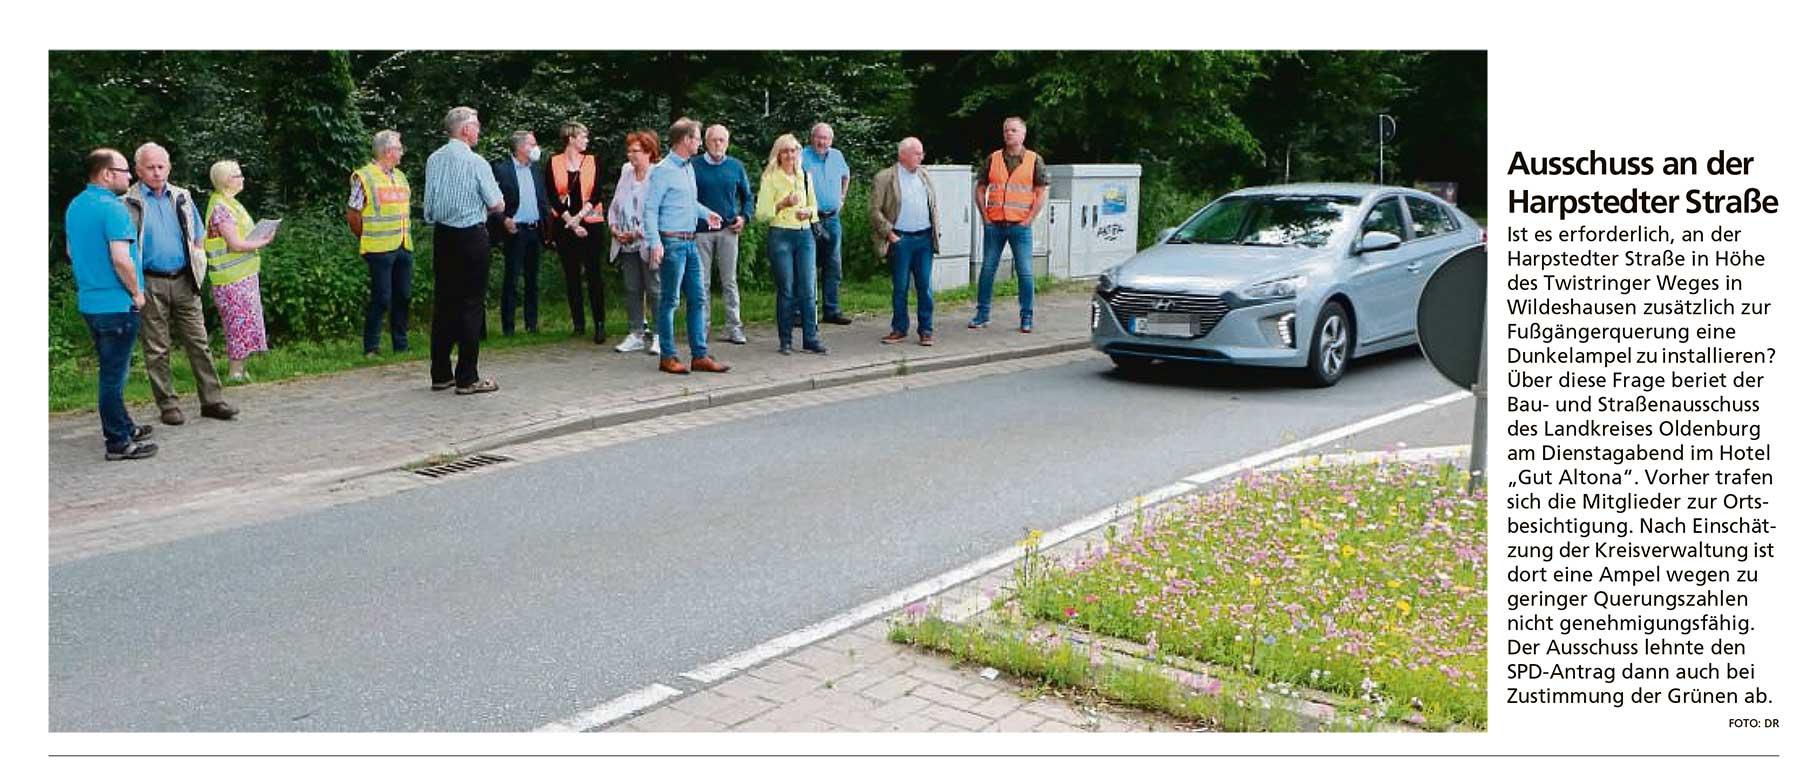 Ausschuss an der Harpstedter StraßeIst es erforderlich, an der Harpstedter Straße in Höhe des Twistringer Weges...Artikel vom 07.07.2021 (WZ)